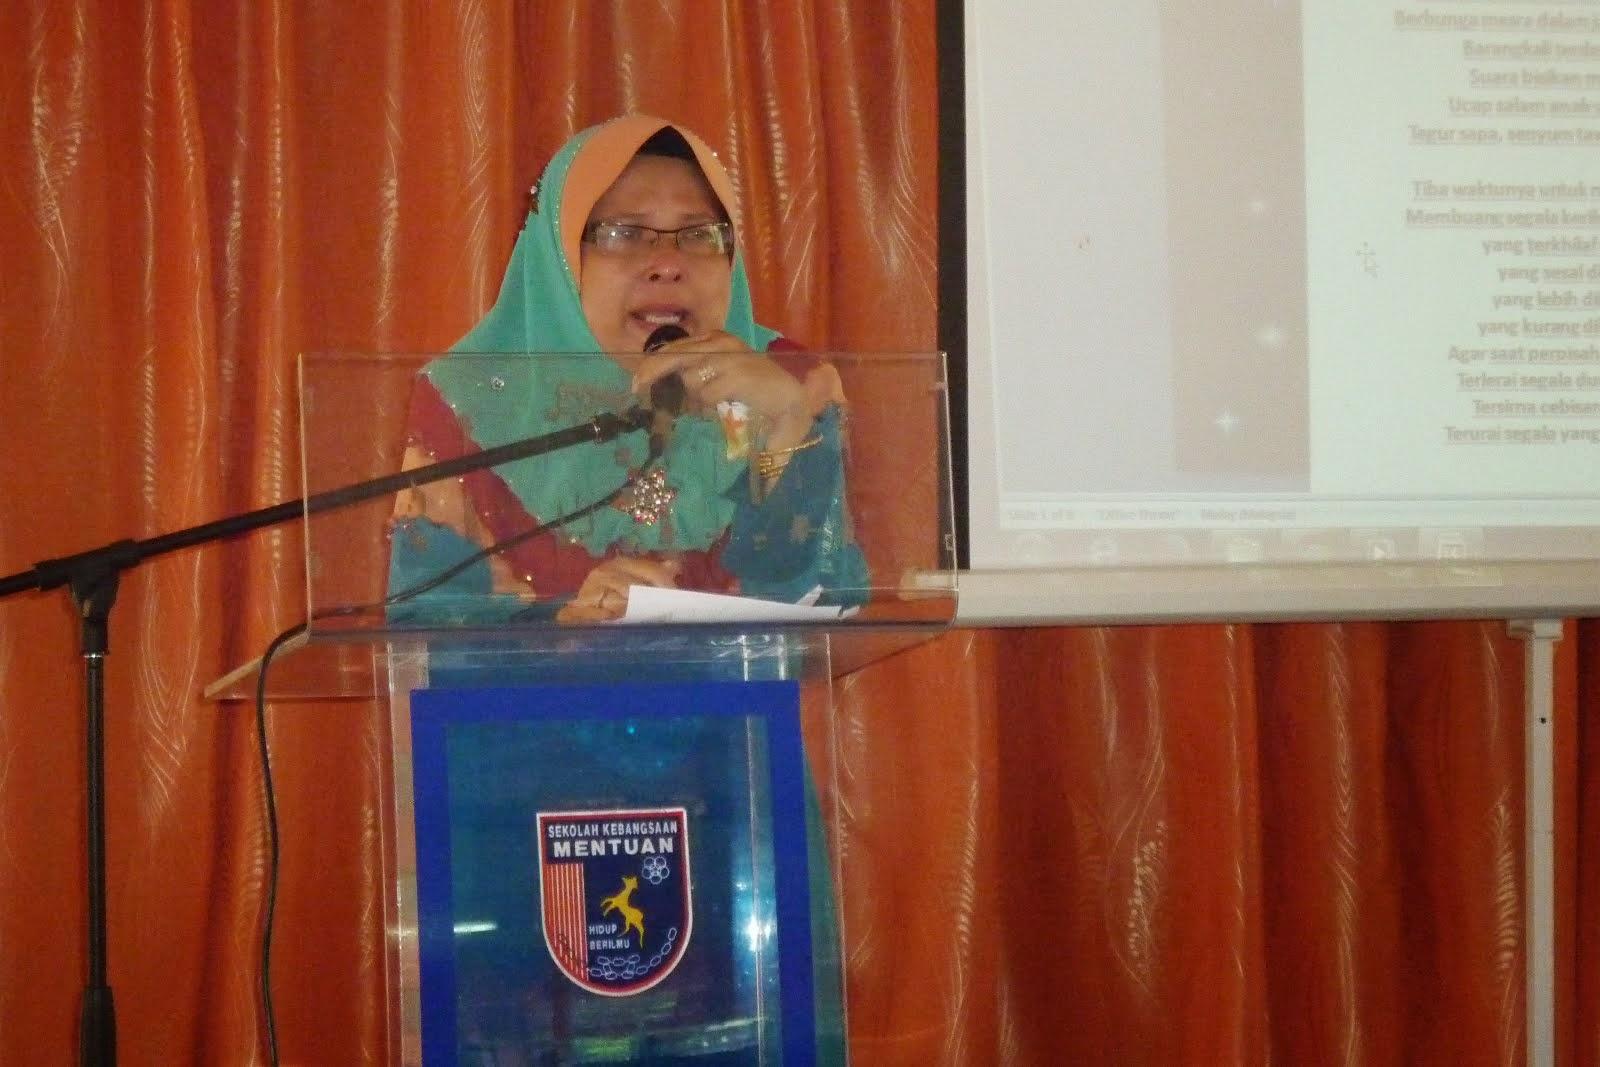 Pn. Hjh. Siti Minah Bt Yusoff (PK HEM) bersara pada 6 Mei 2014